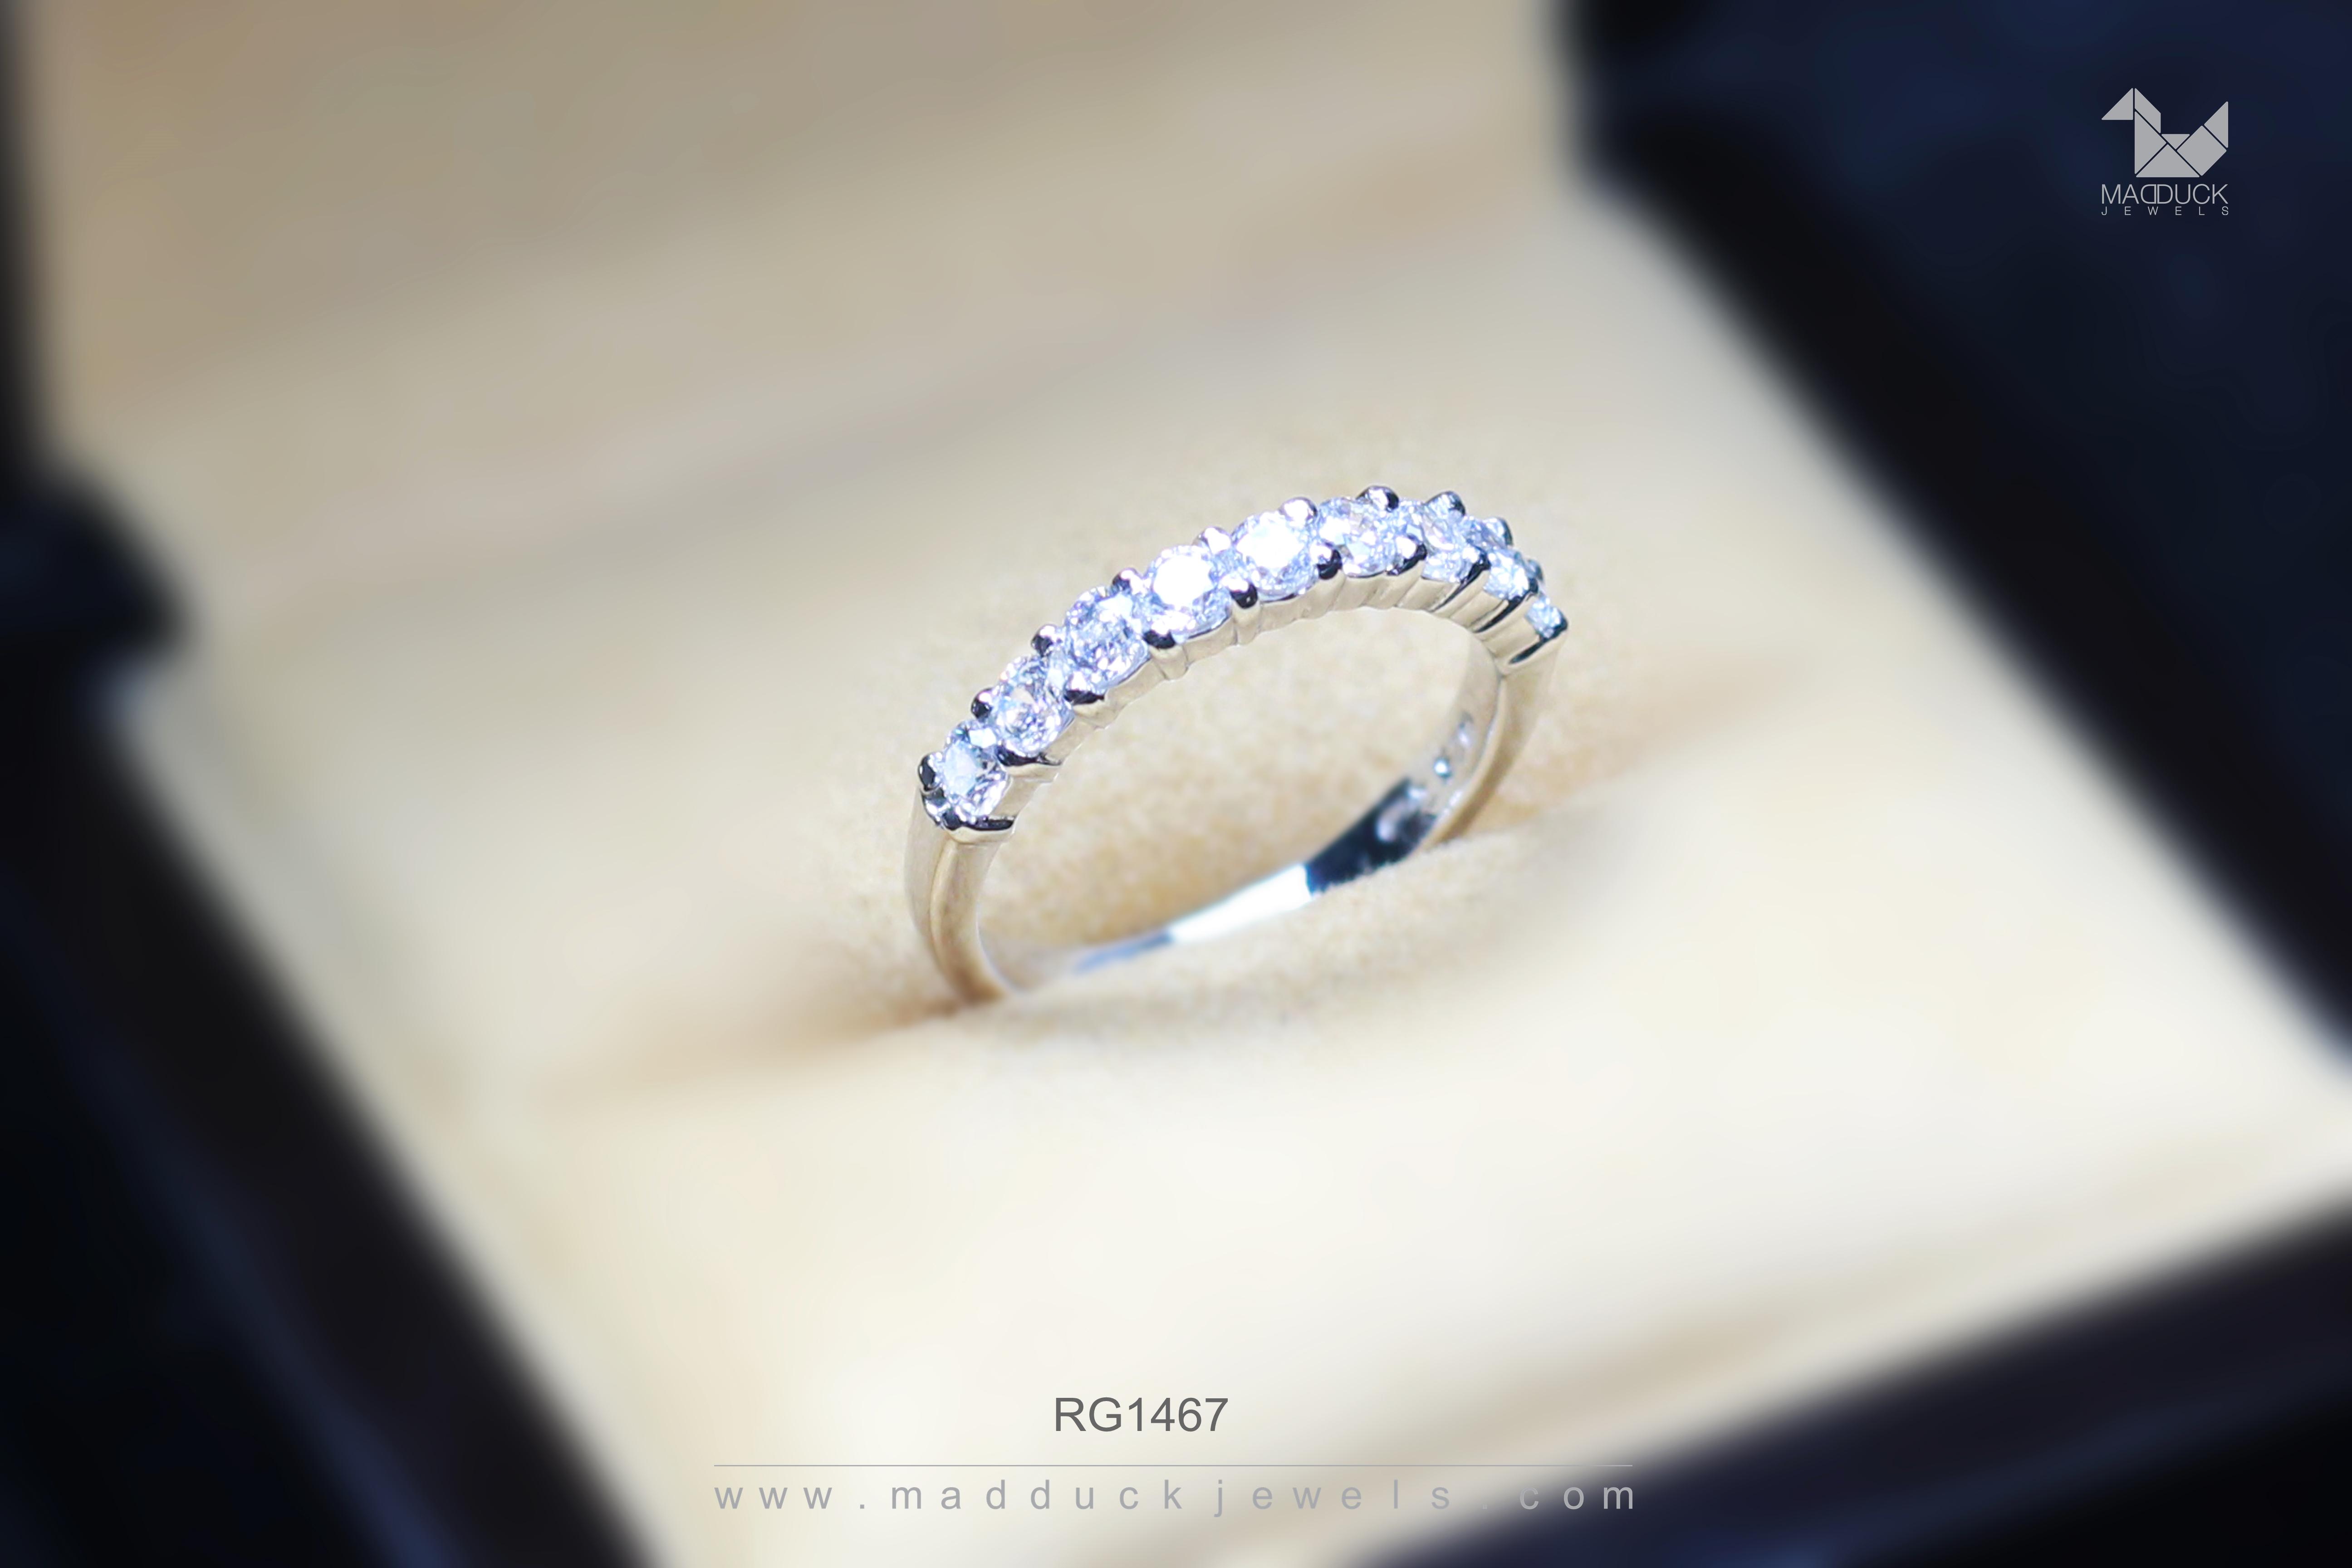 แหวนเงินแท้ เพชรสังเคราะห์ ชุบทองคำขาว รุ่น RG1467 Niner